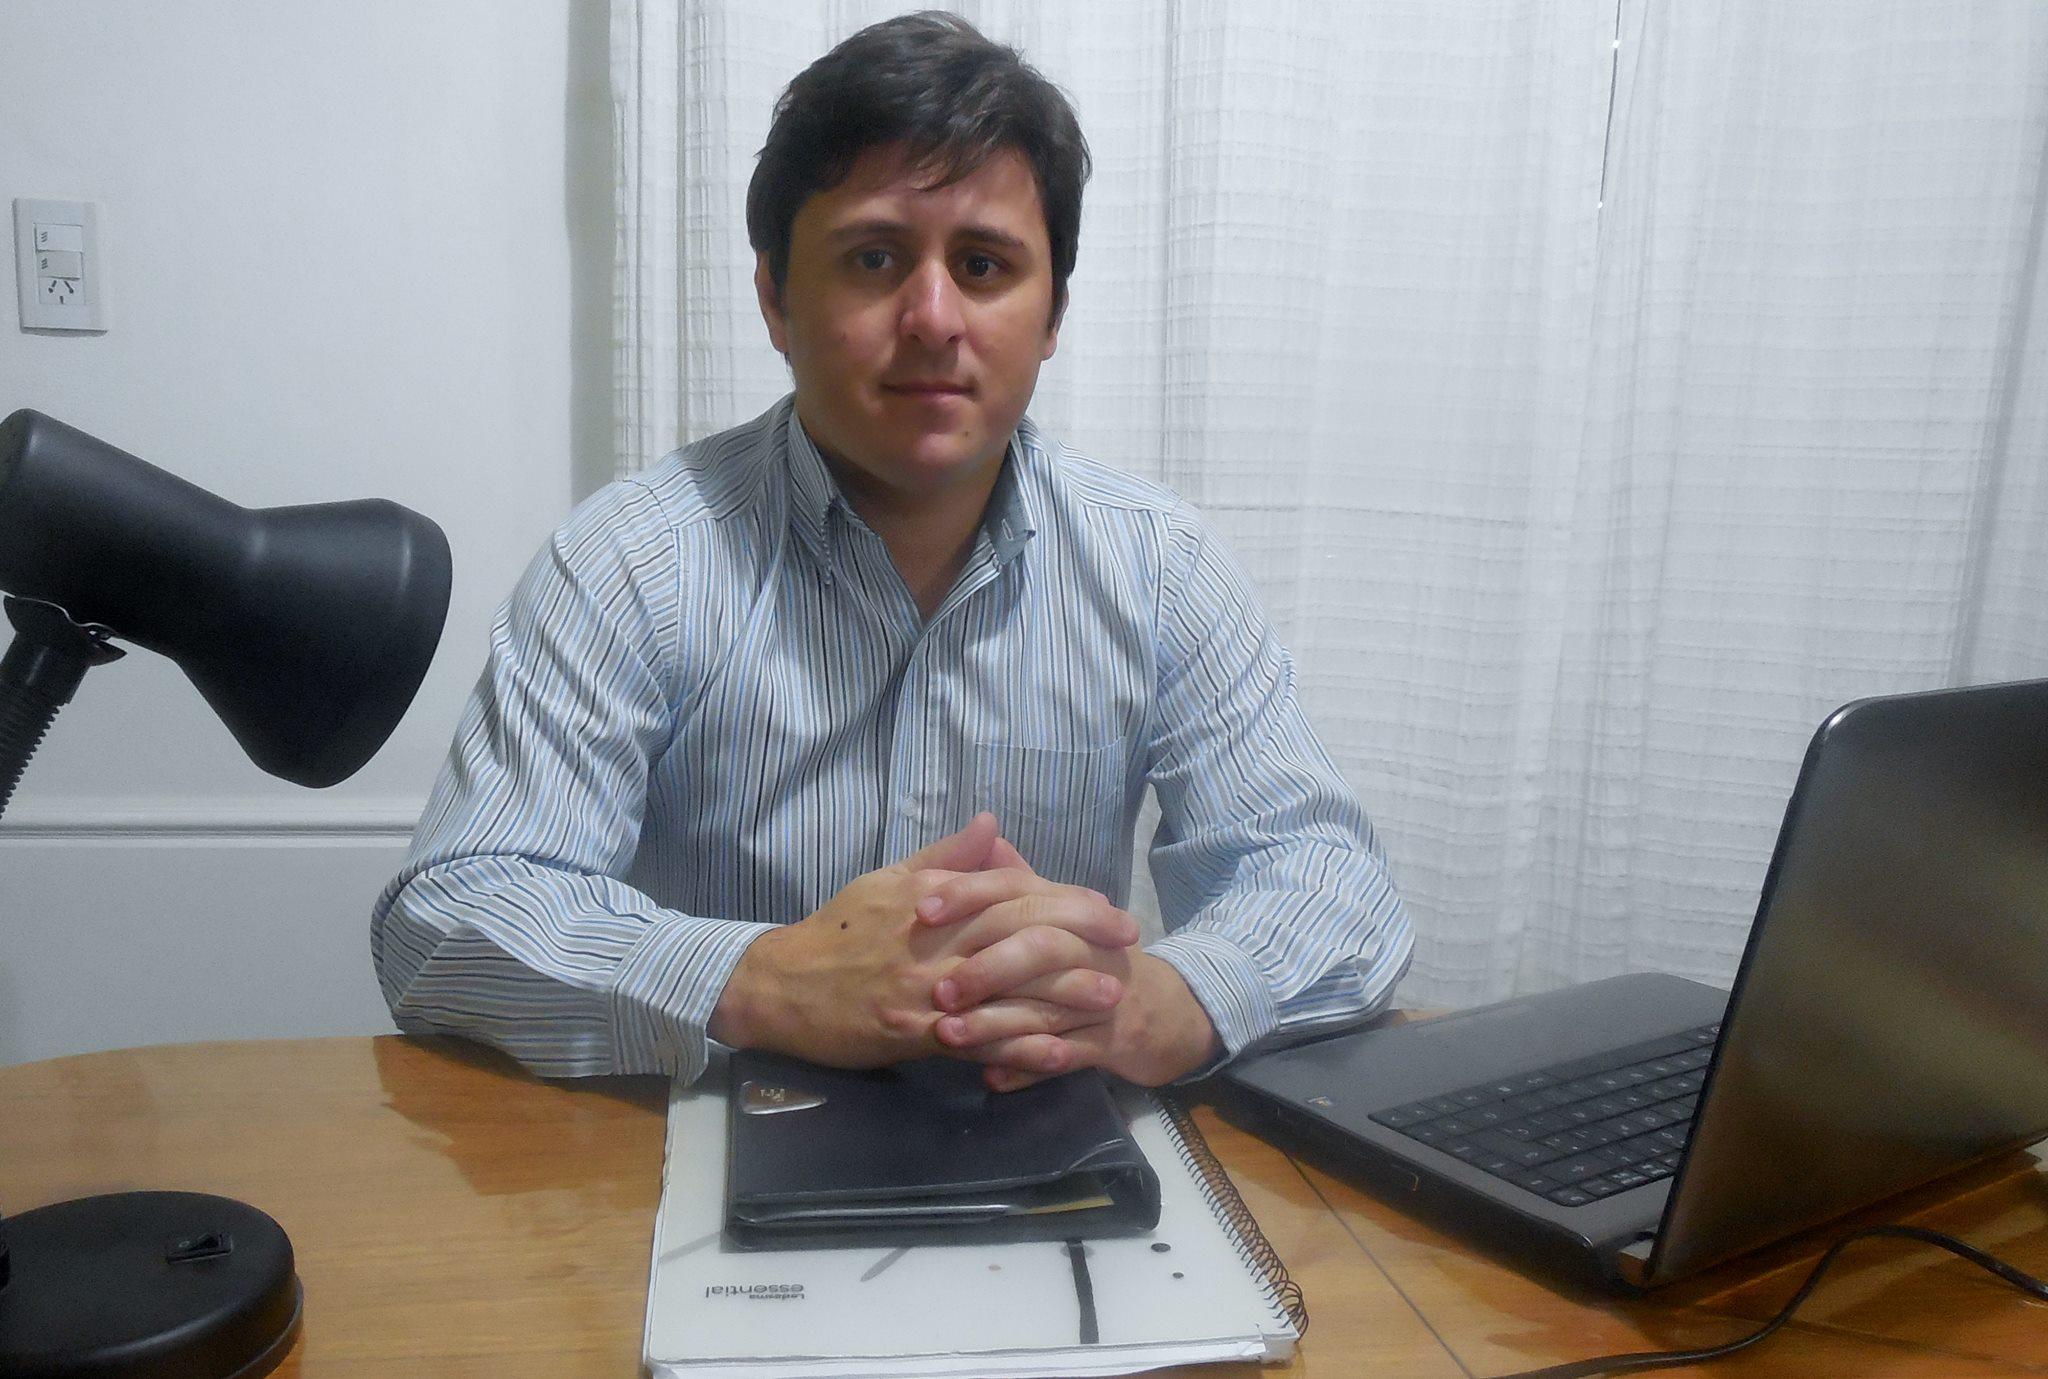 Álvaro Reynoso fue quien redactó y firmó el pedido de emergencia tarifaria que fue rechazado por el bloque de Cambiemos en la última sesión del Concejo Deliberante. El esfuerzo desde la oposición no logró que el oficialismo los acompañe.